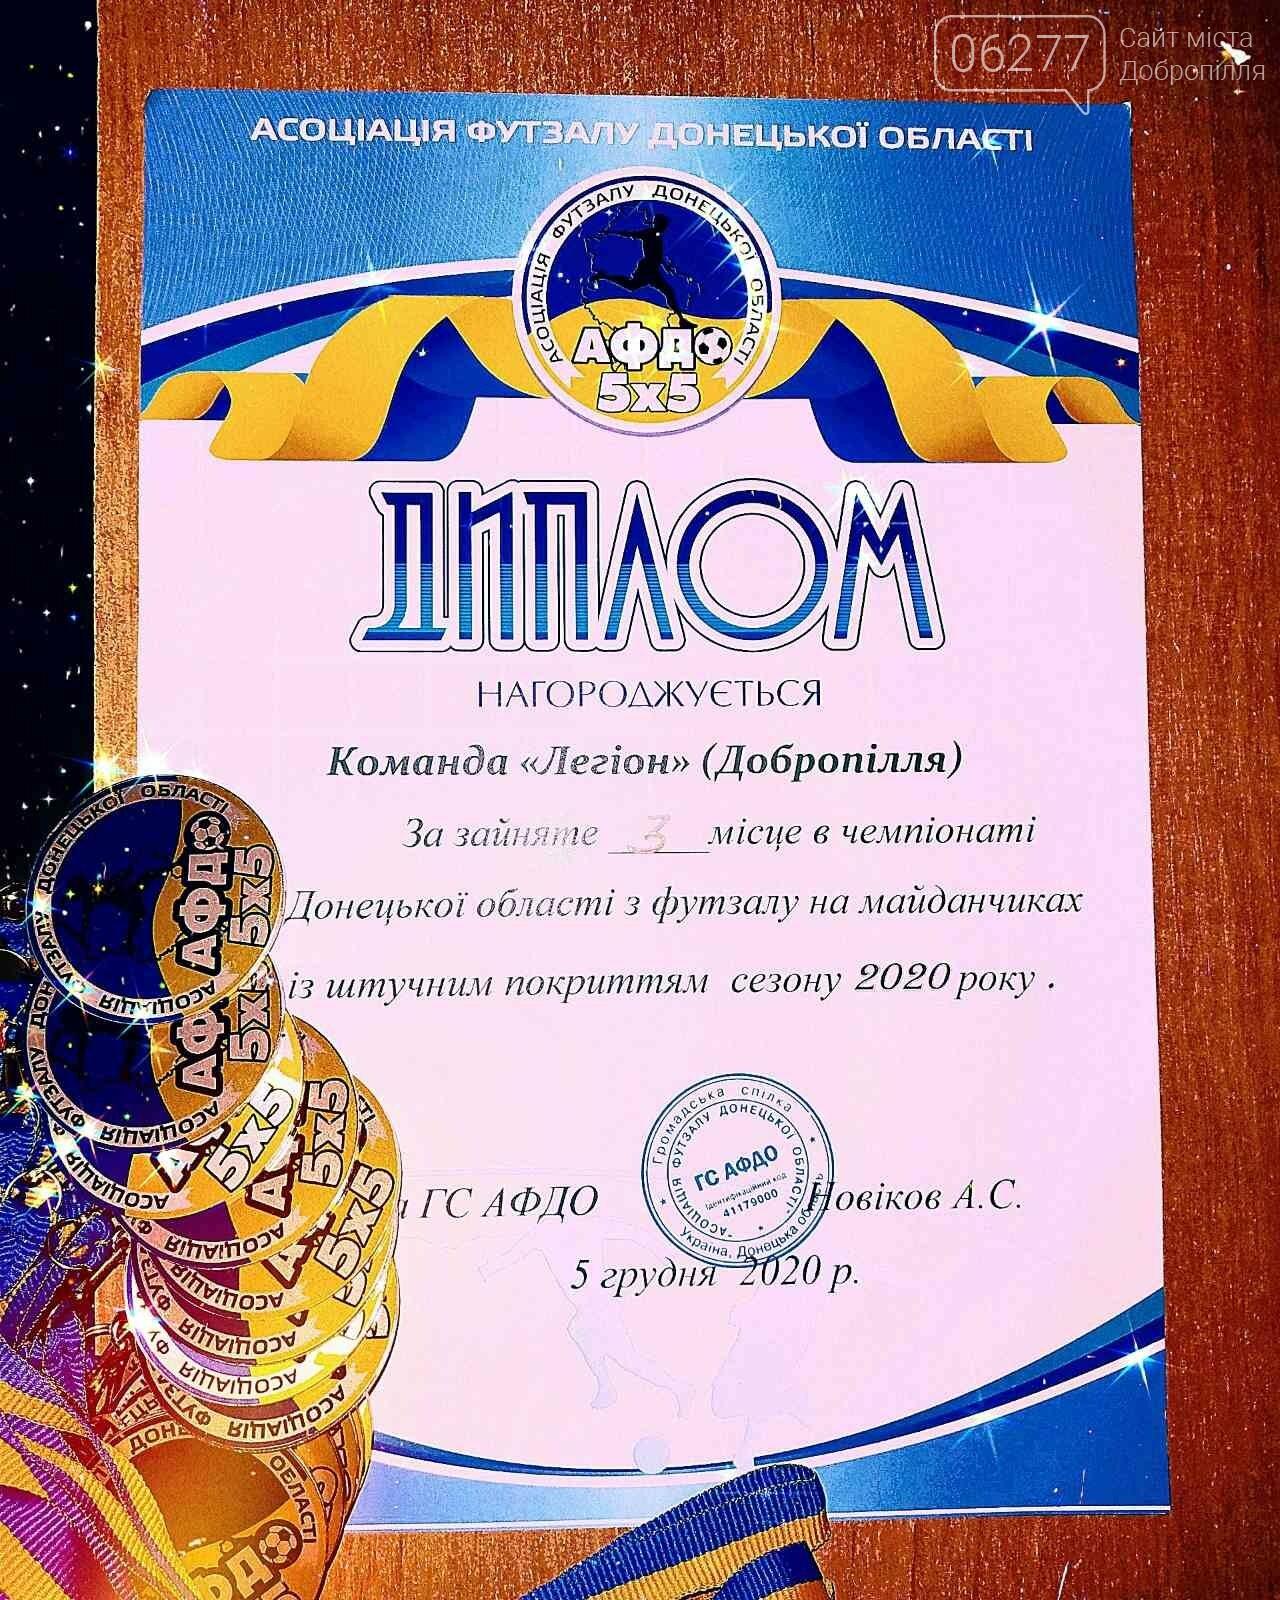 ФК «Легіон» - бронзовий призер чемпіонату донецької області з міні-футболу, фото-3